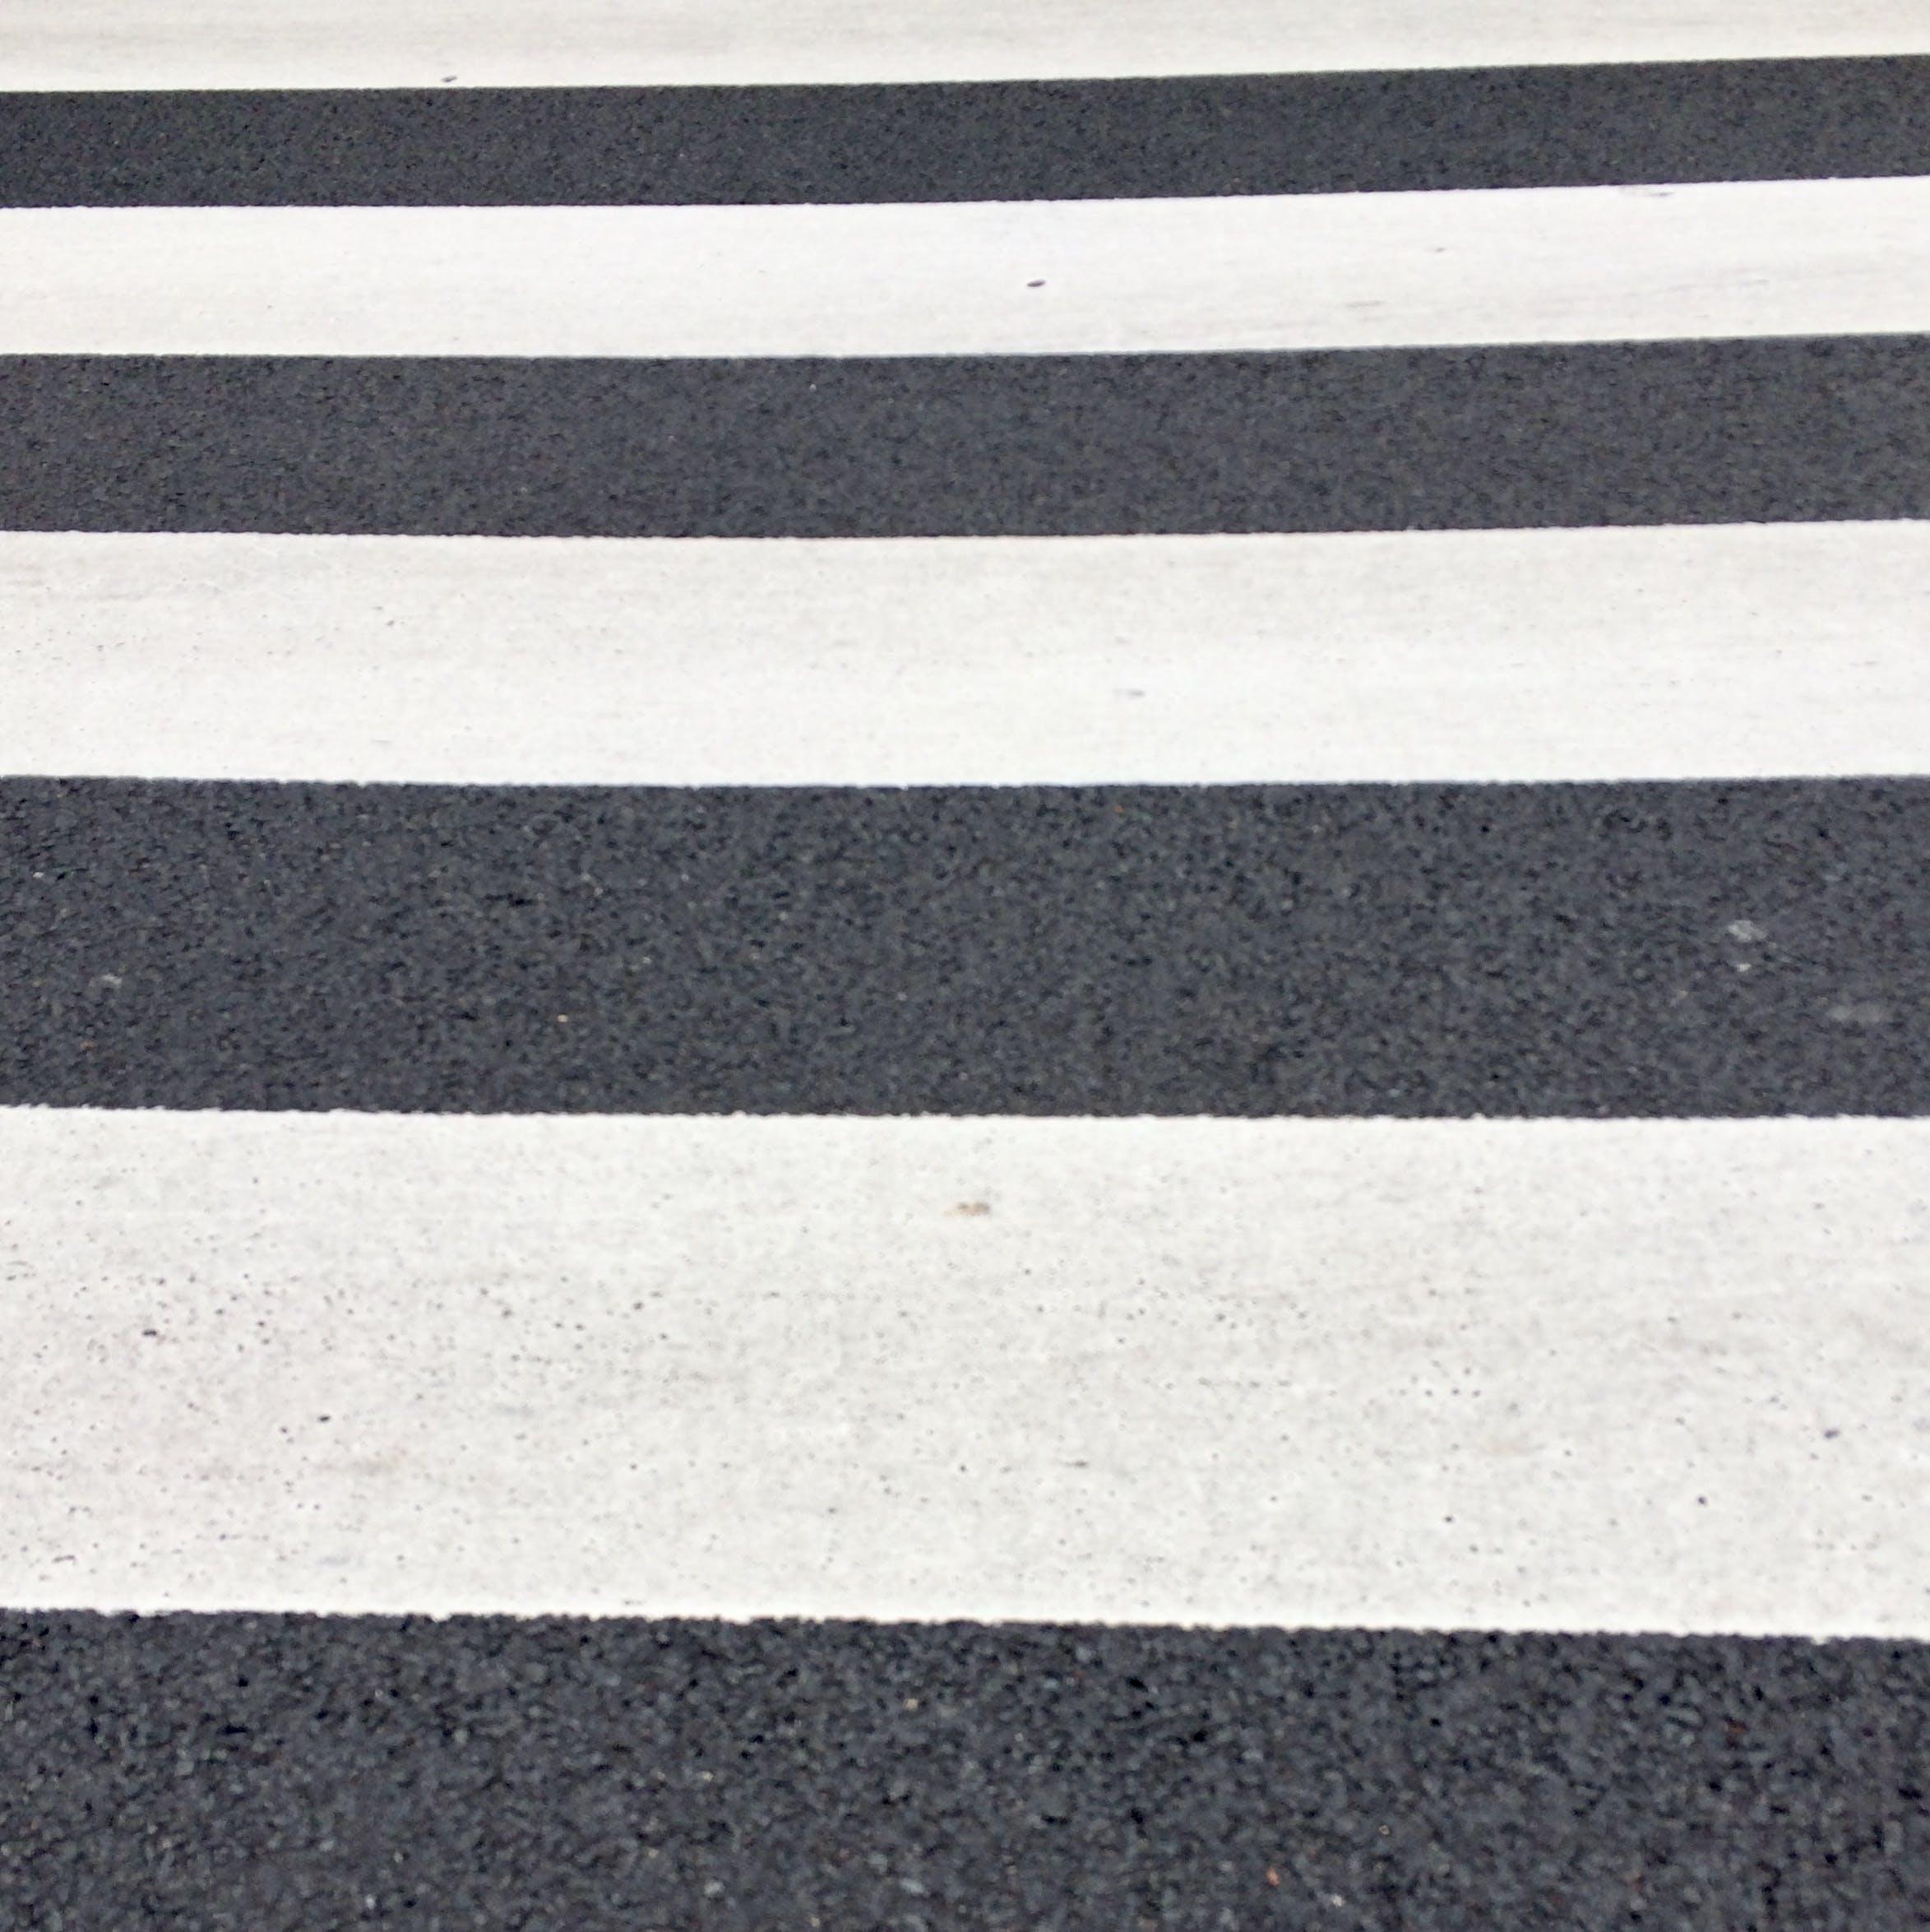 Kostenloses Stock Foto zu asphalt, farben, fußgängerübergang, fußgängerweg